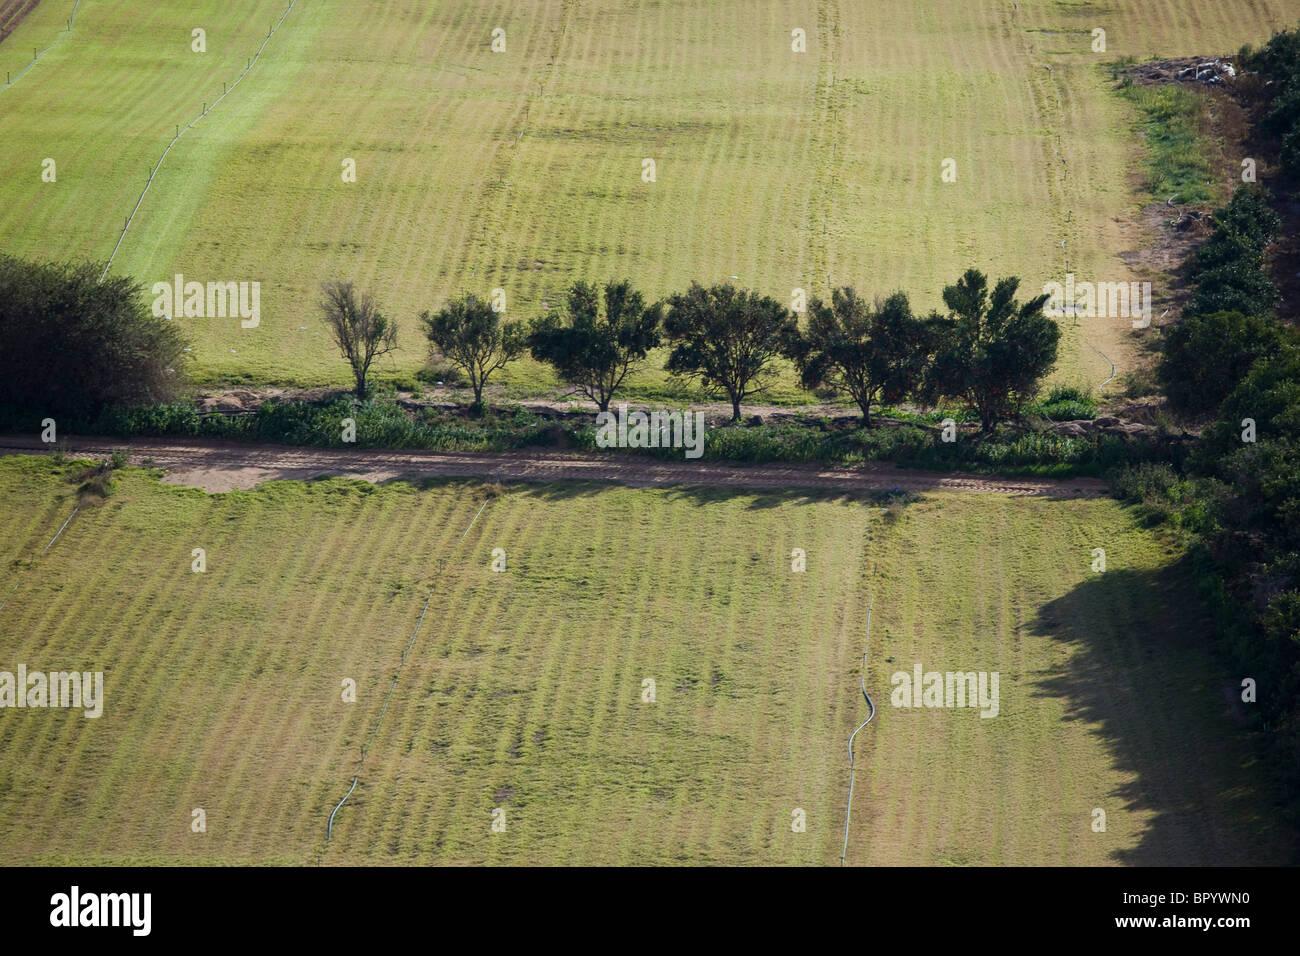 Luftaufnahme der Landwirtschaft Felder des Galiläa Stockbild